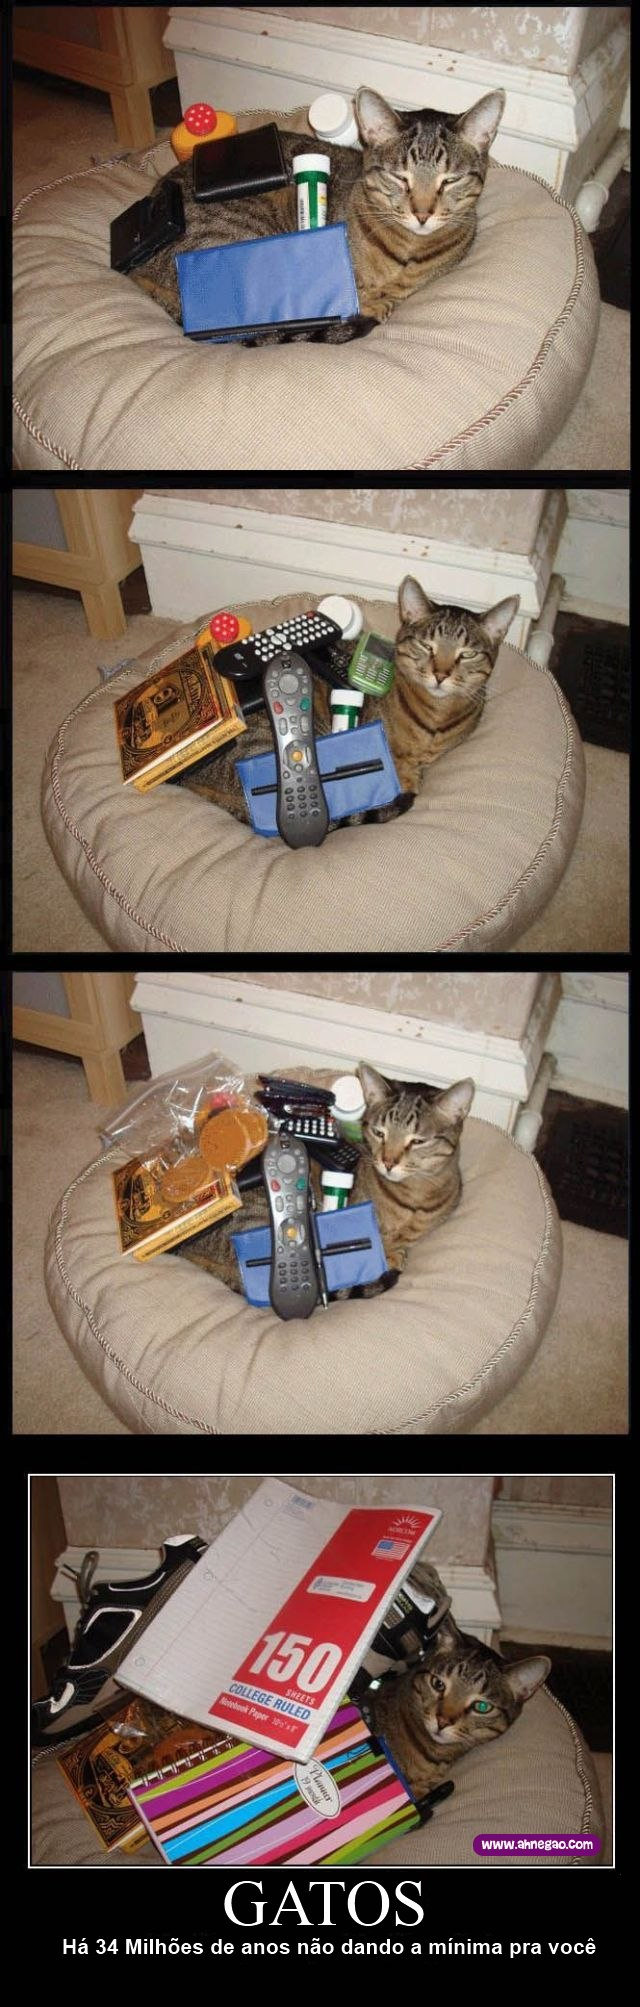 gatos estupidos com: